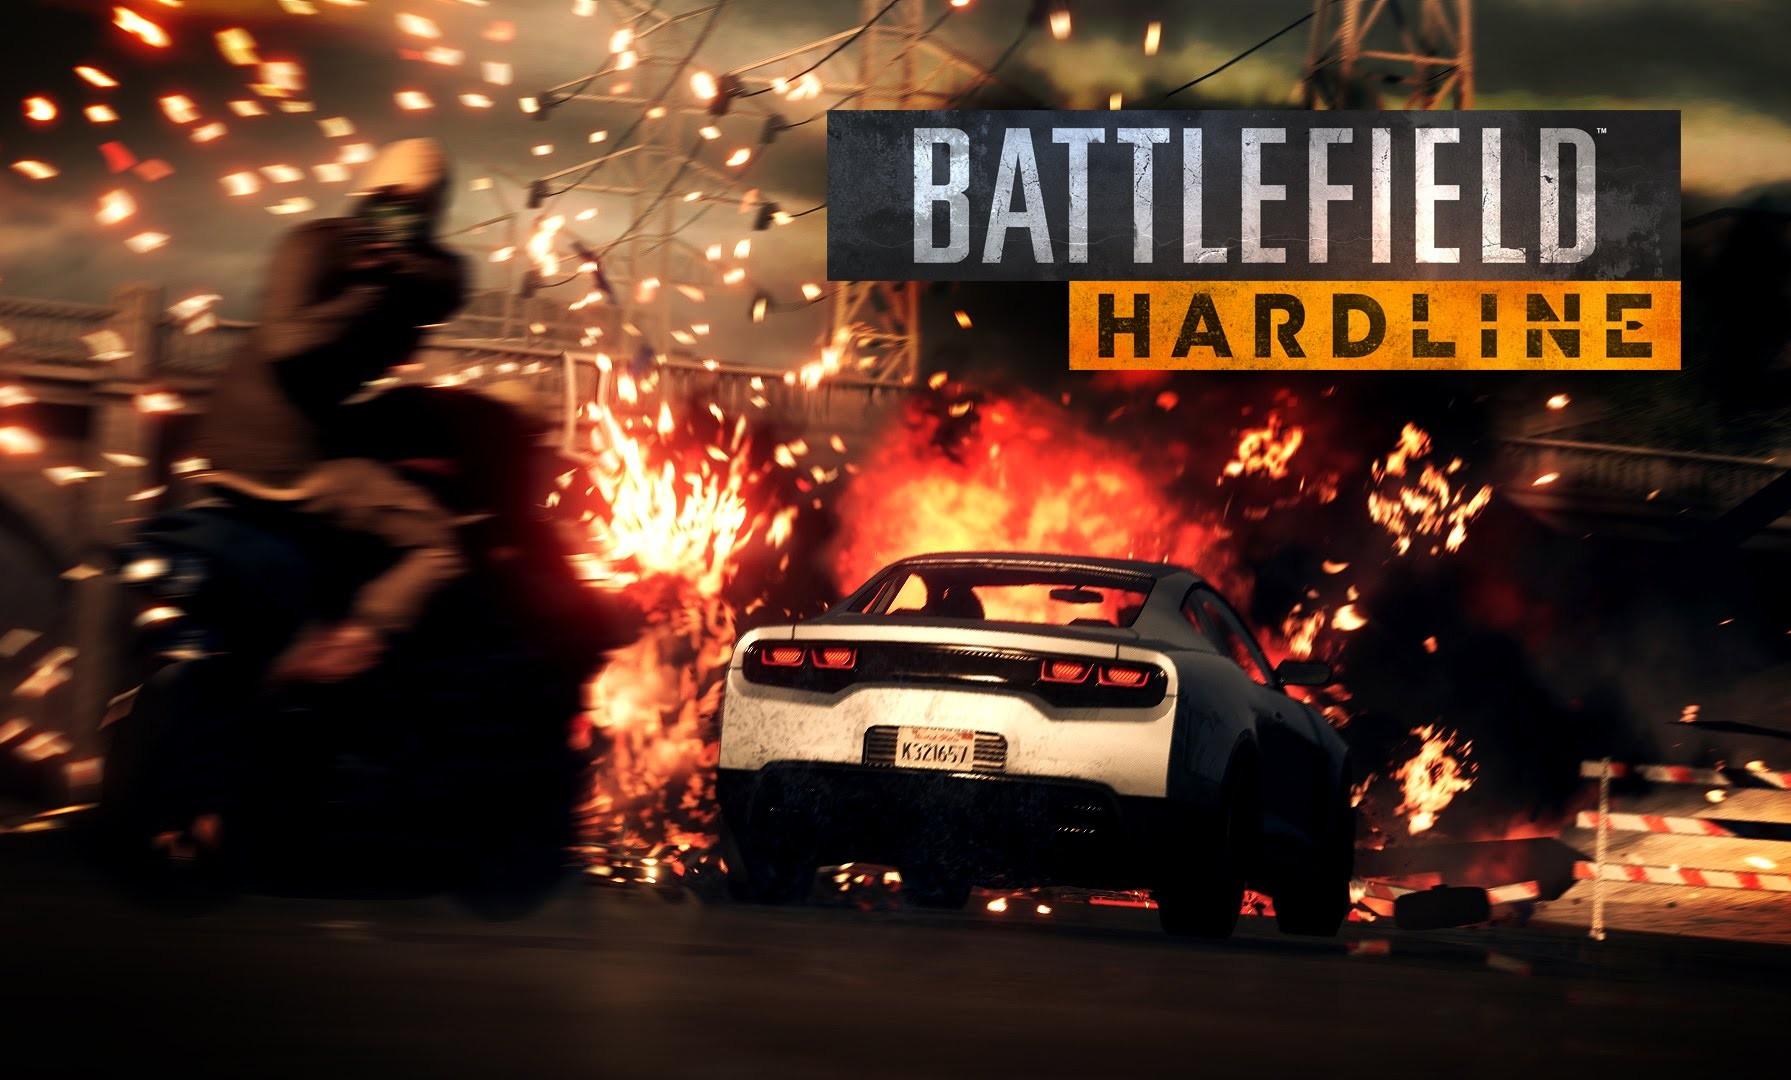 NUEVO PELICULERO VÍDEO DE BATTLEFIELD HARDLINE